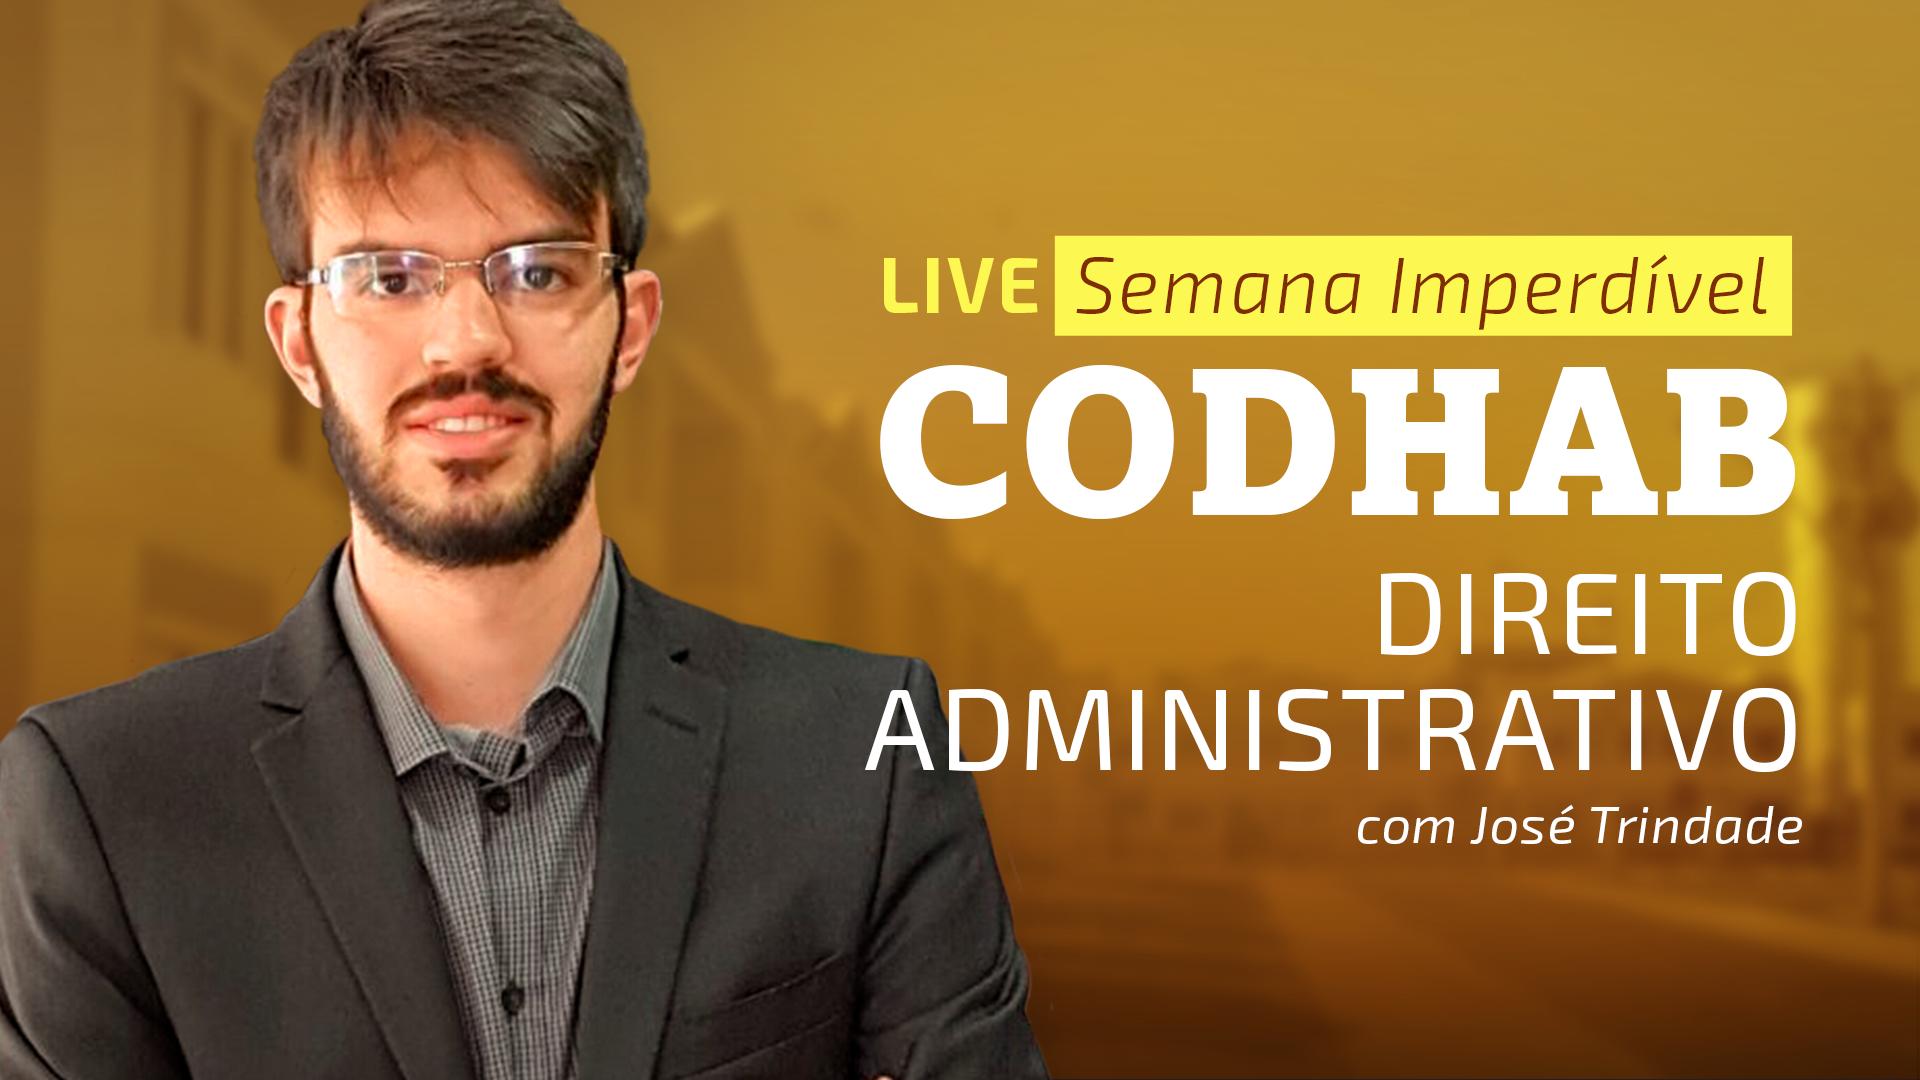 Semana Imperdível CODHAB - Direito Administrativo